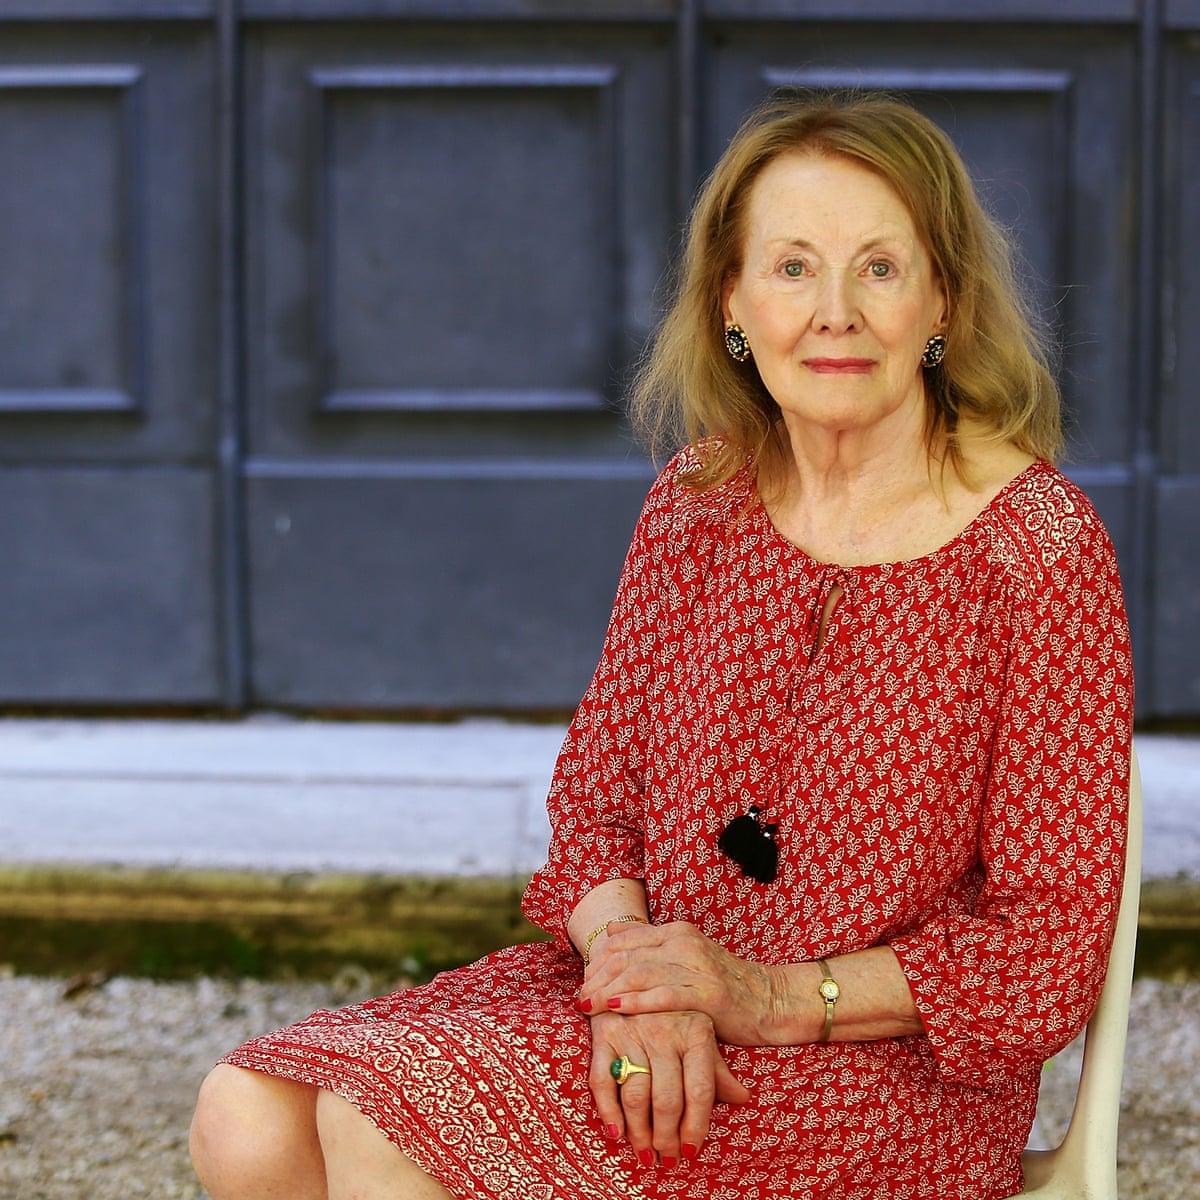 Nữ nhà văn Annie Ernaux được dự đoán sẽ thắng Nobel năm nay.